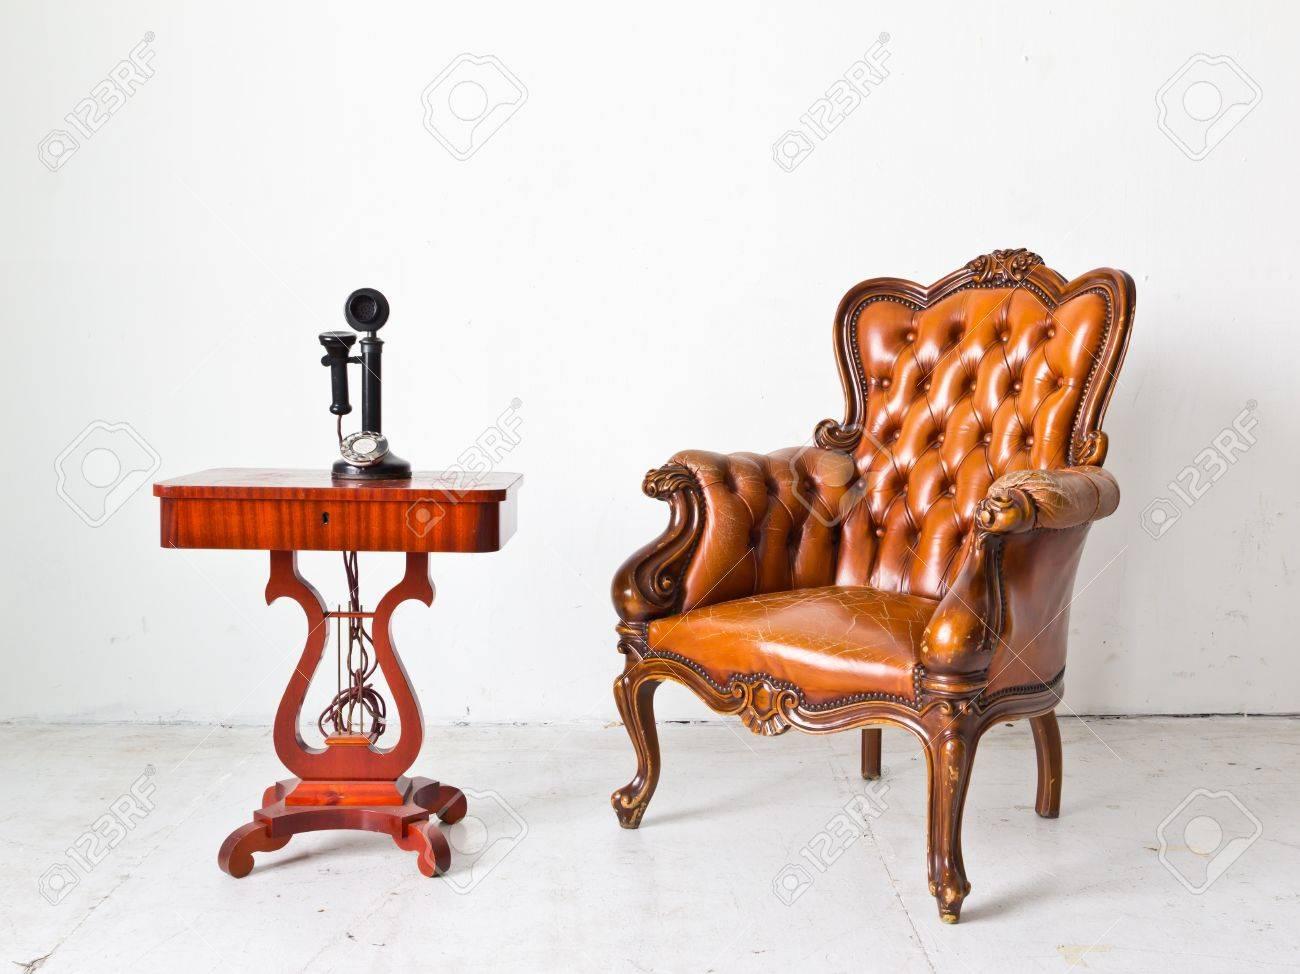 Luxus sessel  Jahrgang Luxus Sessel Und Telefon Im Weißen Raum Lizenzfreie Fotos ...